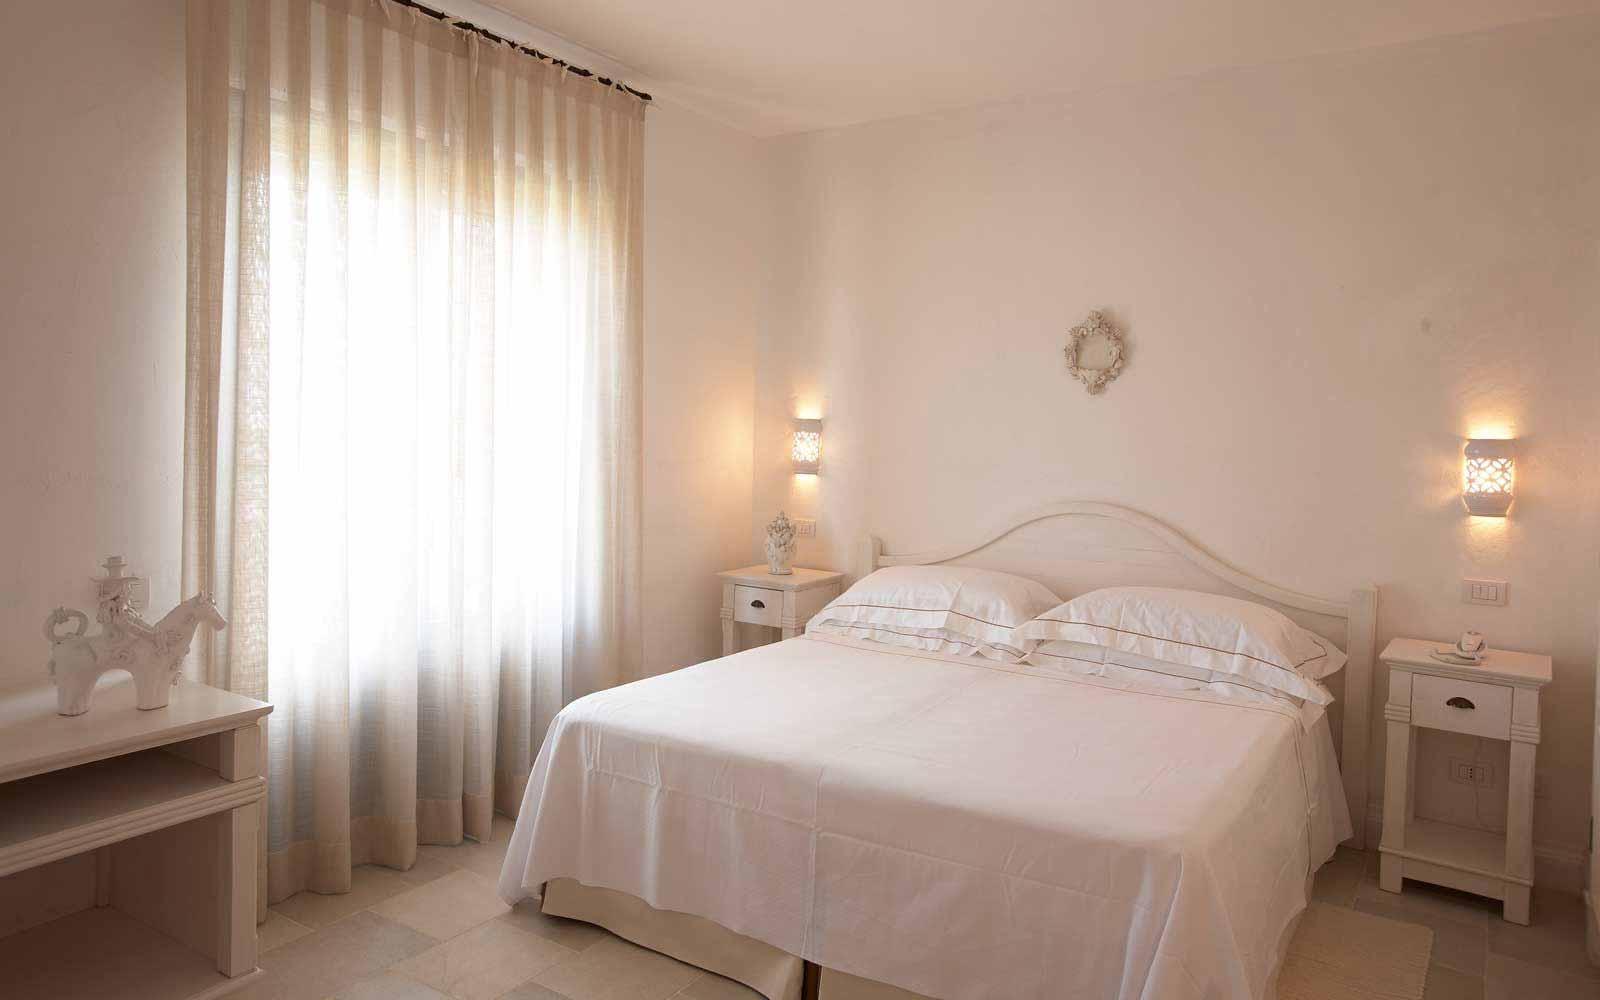 Deluxe room at Borgobianco Resort & Spa